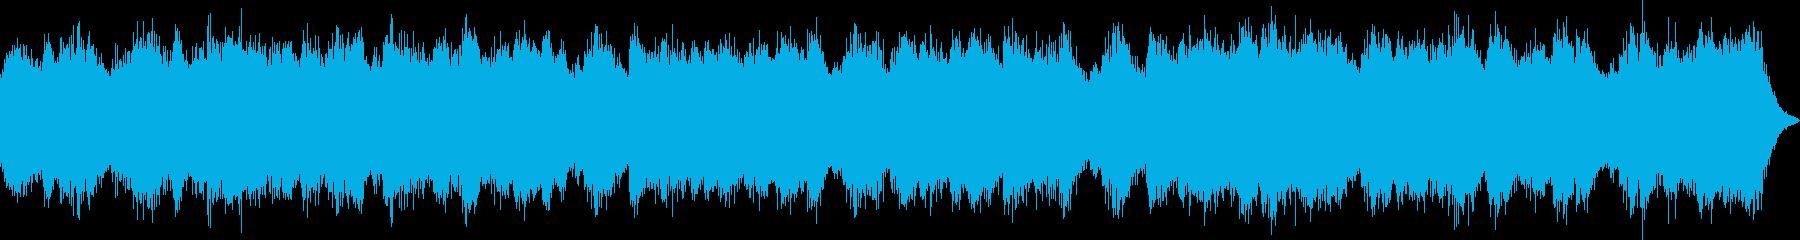 壊れた電子機器のようなホラーアンビエントの再生済みの波形